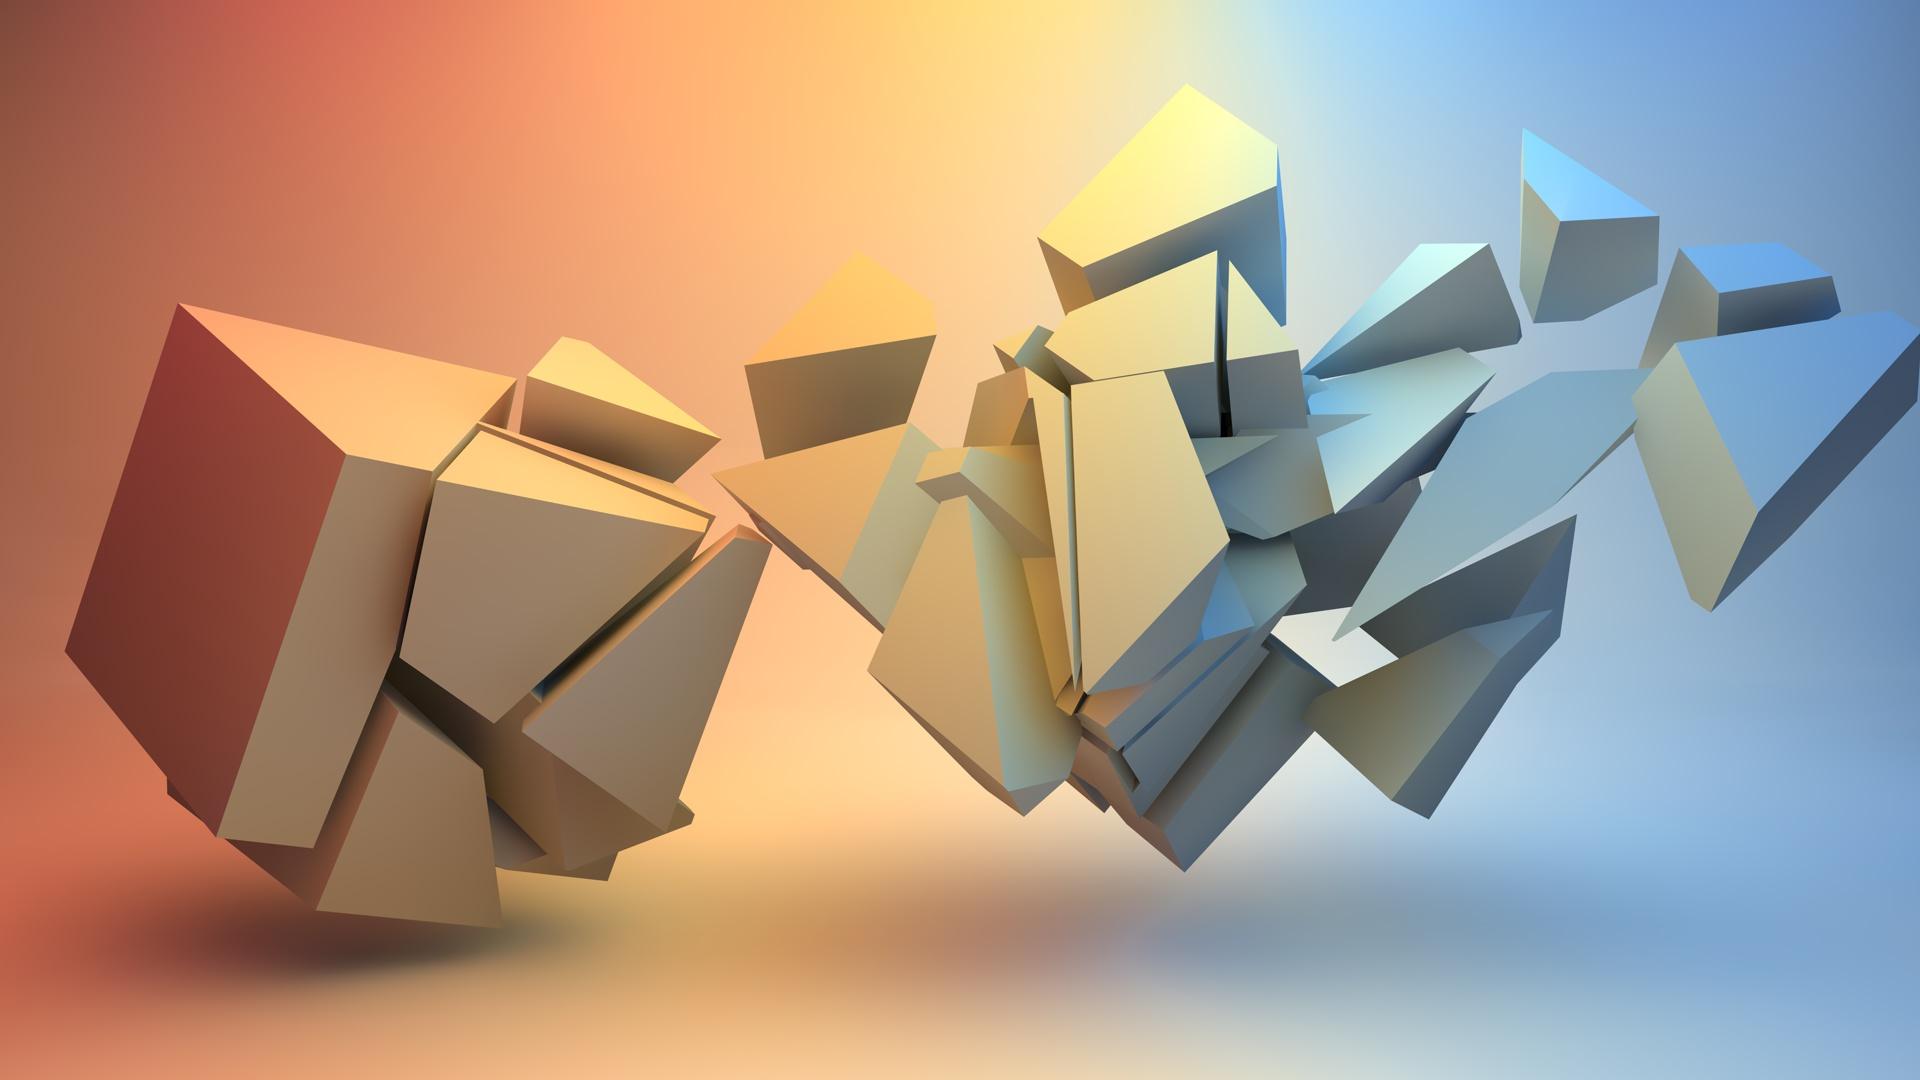 broken cube 39 s by pyxartz on deviantart